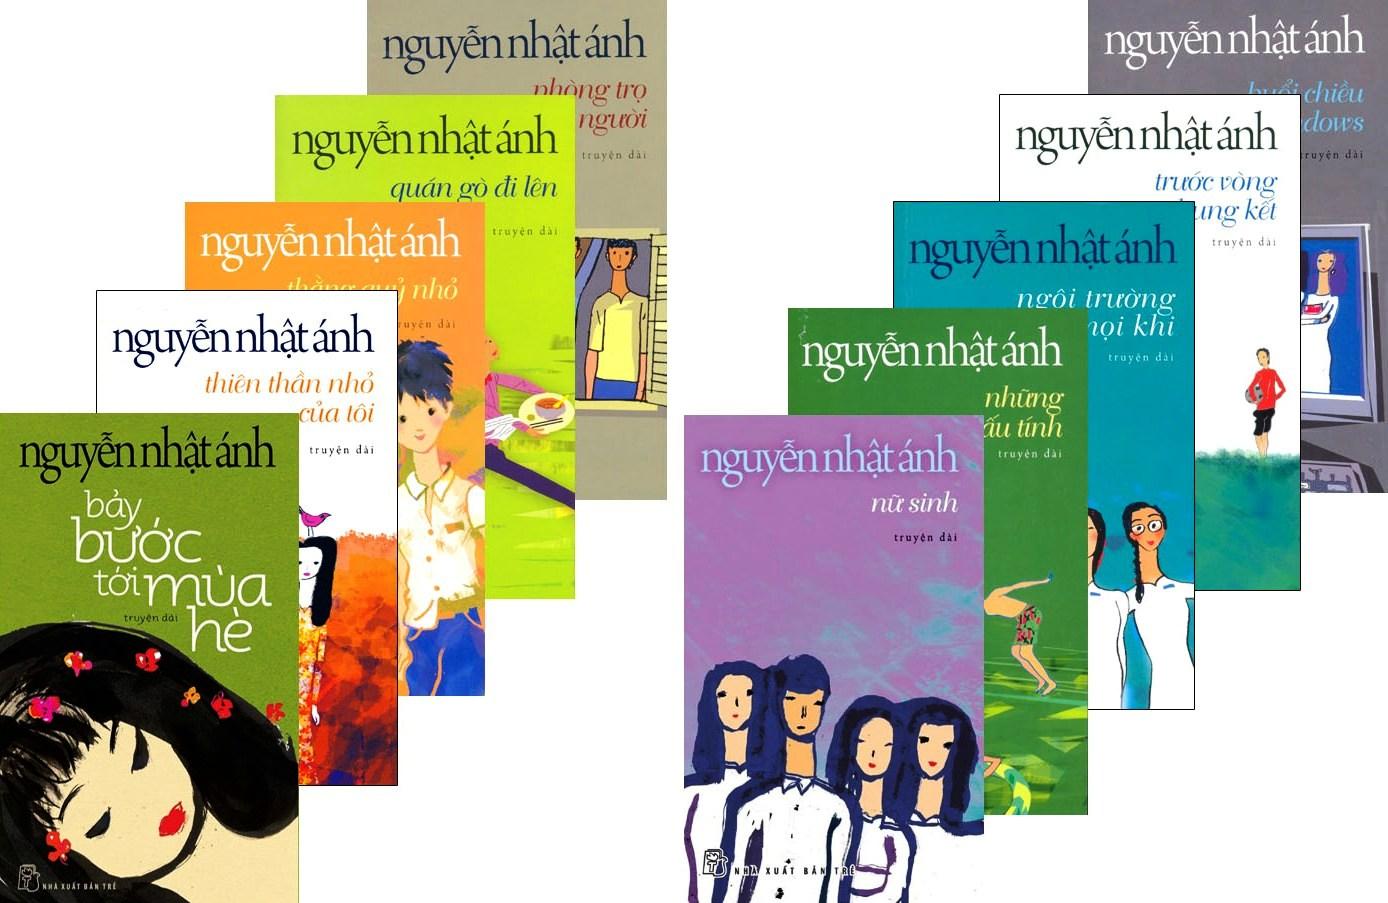 Tuyển Tập Truyện Dài Nguyễn Nhật Ánh (Bộ 10 Cuốn)